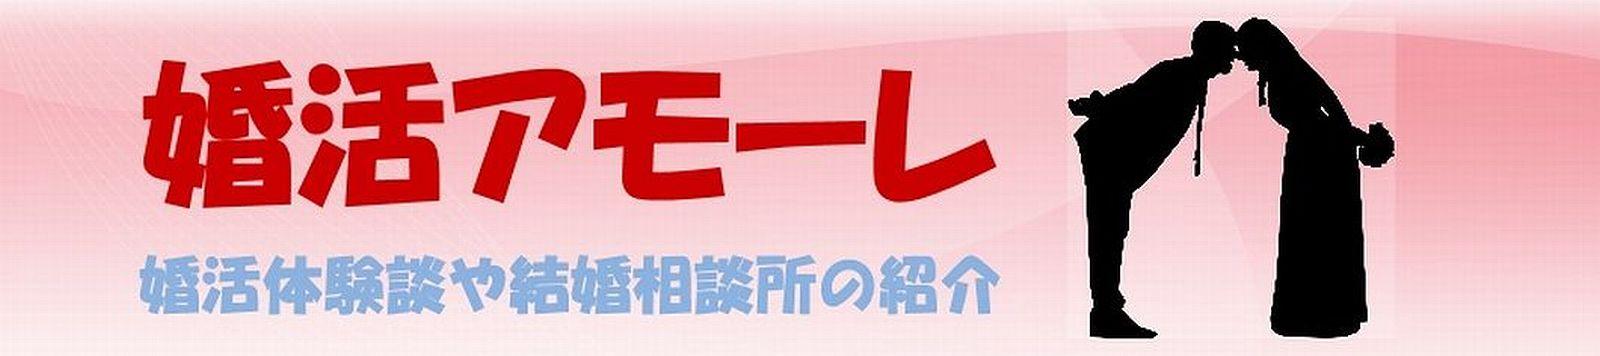 婚活サイト・婚活アプリおすすめランキング | 婚活アモーレ